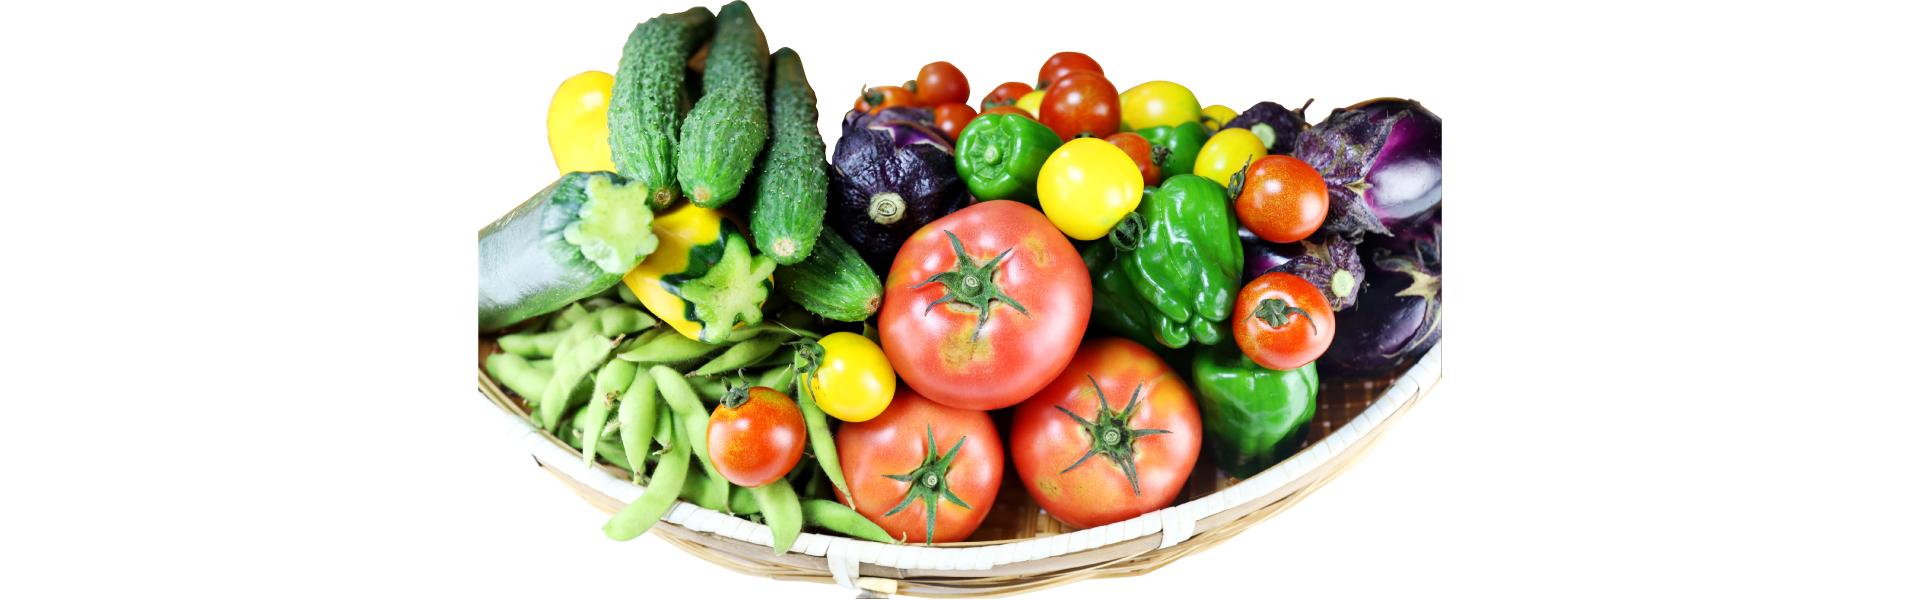 農薬・化学肥料不使用「旬のおまかせ野菜セット」始めました